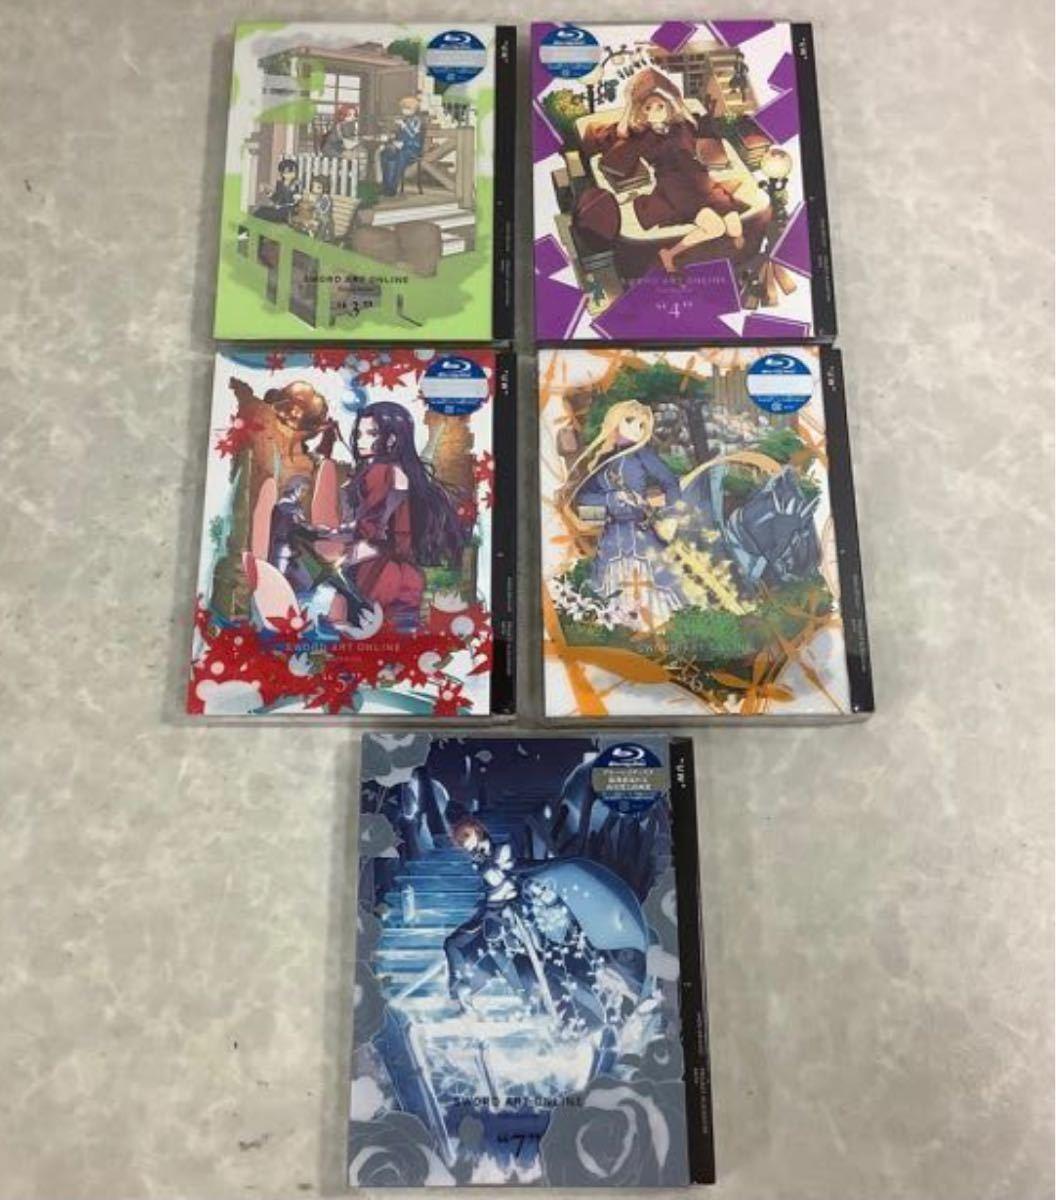 ソードアート・オンライン アリシゼーション 1から8 収納ボックス Blu-ray